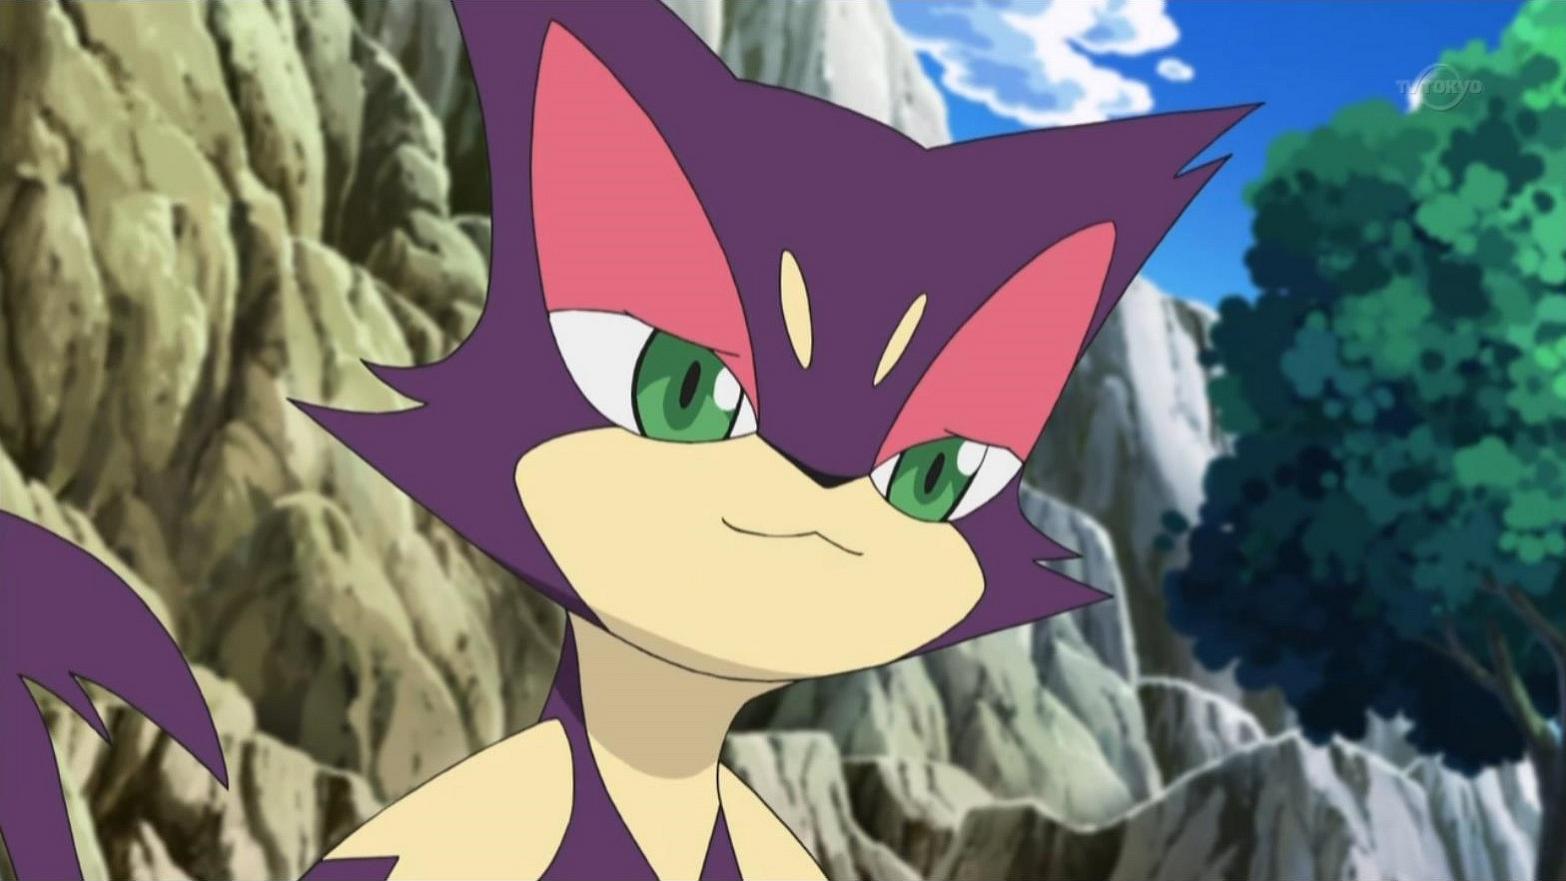 Purrloin was Misha's Pokémon and were very close.